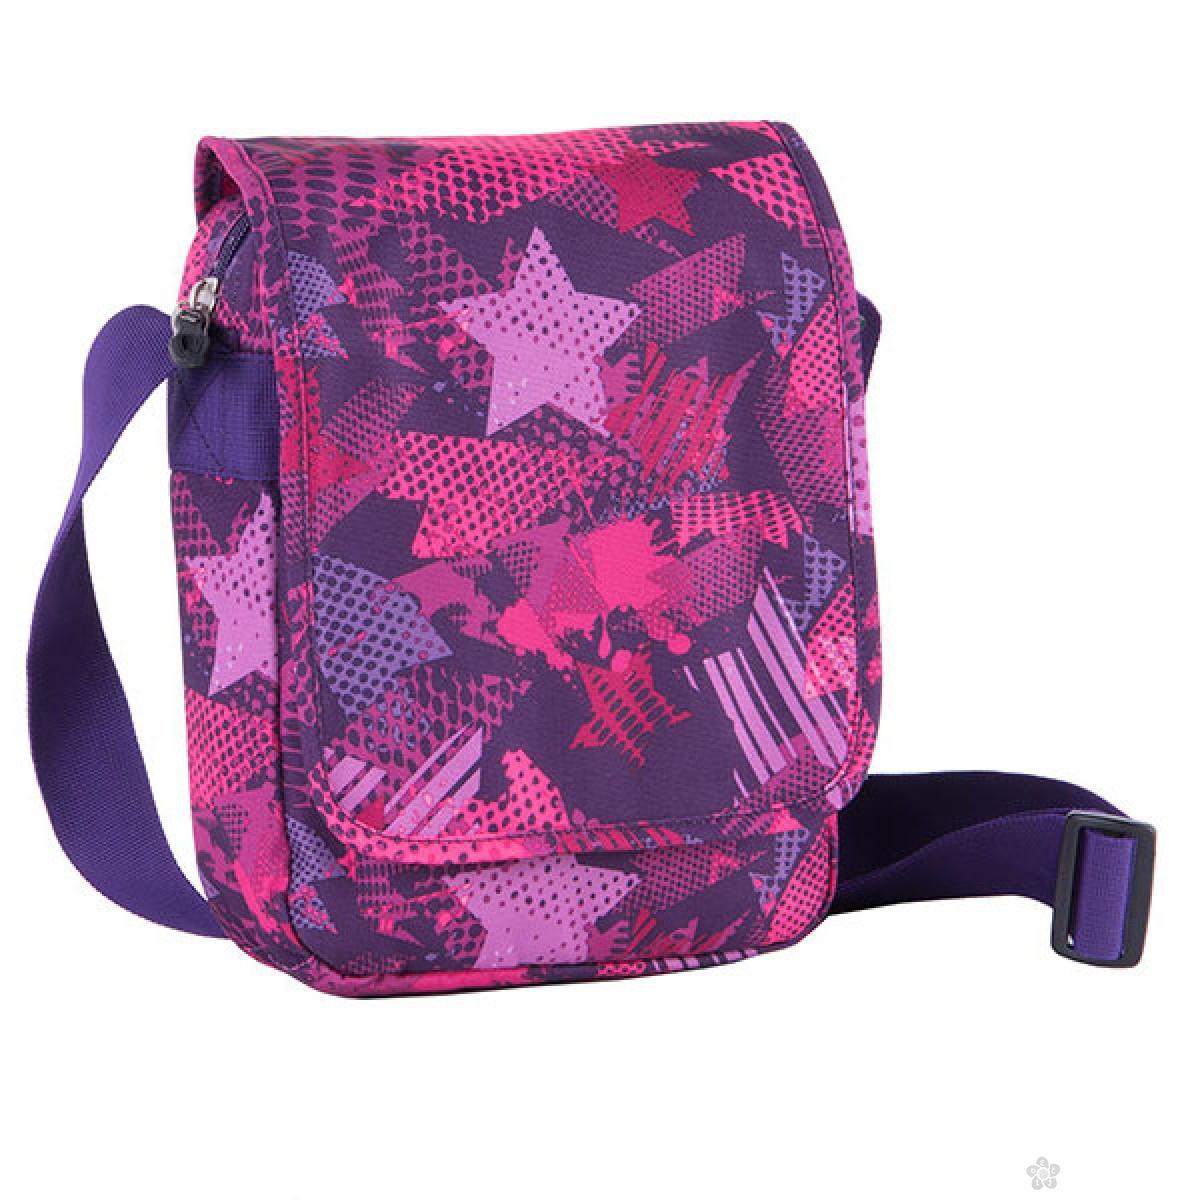 City Bag Teens Violet Stars, 121446